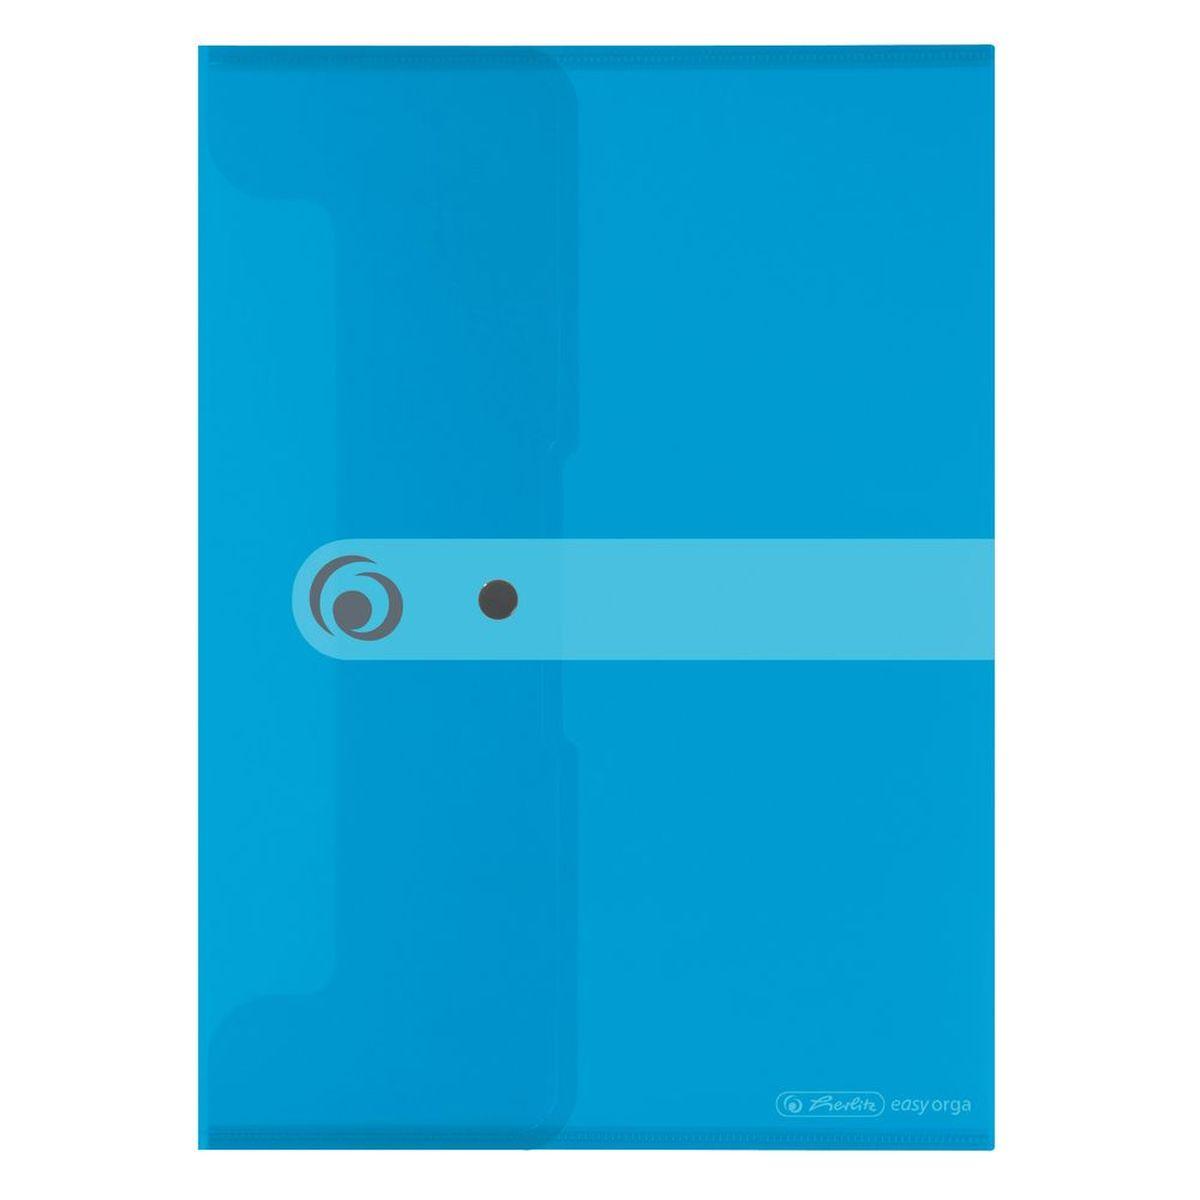 Herlitz Папка-конверт Easy orga формат A4 цвет голубой11206687Папка-конверт для документов от Herlitz Easy orga станет вашим верным помощником дома и в офисе. Это удобный и функциональный инструмент, предназначенный для хранения и транспортировки больших объемов рабочих бумаг и документов формата А4. Папка изготовлена из качественного полипропилена. Состоит из одного вместительного отделения. Закрывается папка просто и удобно при помощи кнопки, которая ее надежно фиксирует. Папка - это незаменимый атрибут для любого студента, школьника или офисного работника. Такая папка надежно сохранит ваши бумаги и сбережет их от повреждений, пыли и влаги.